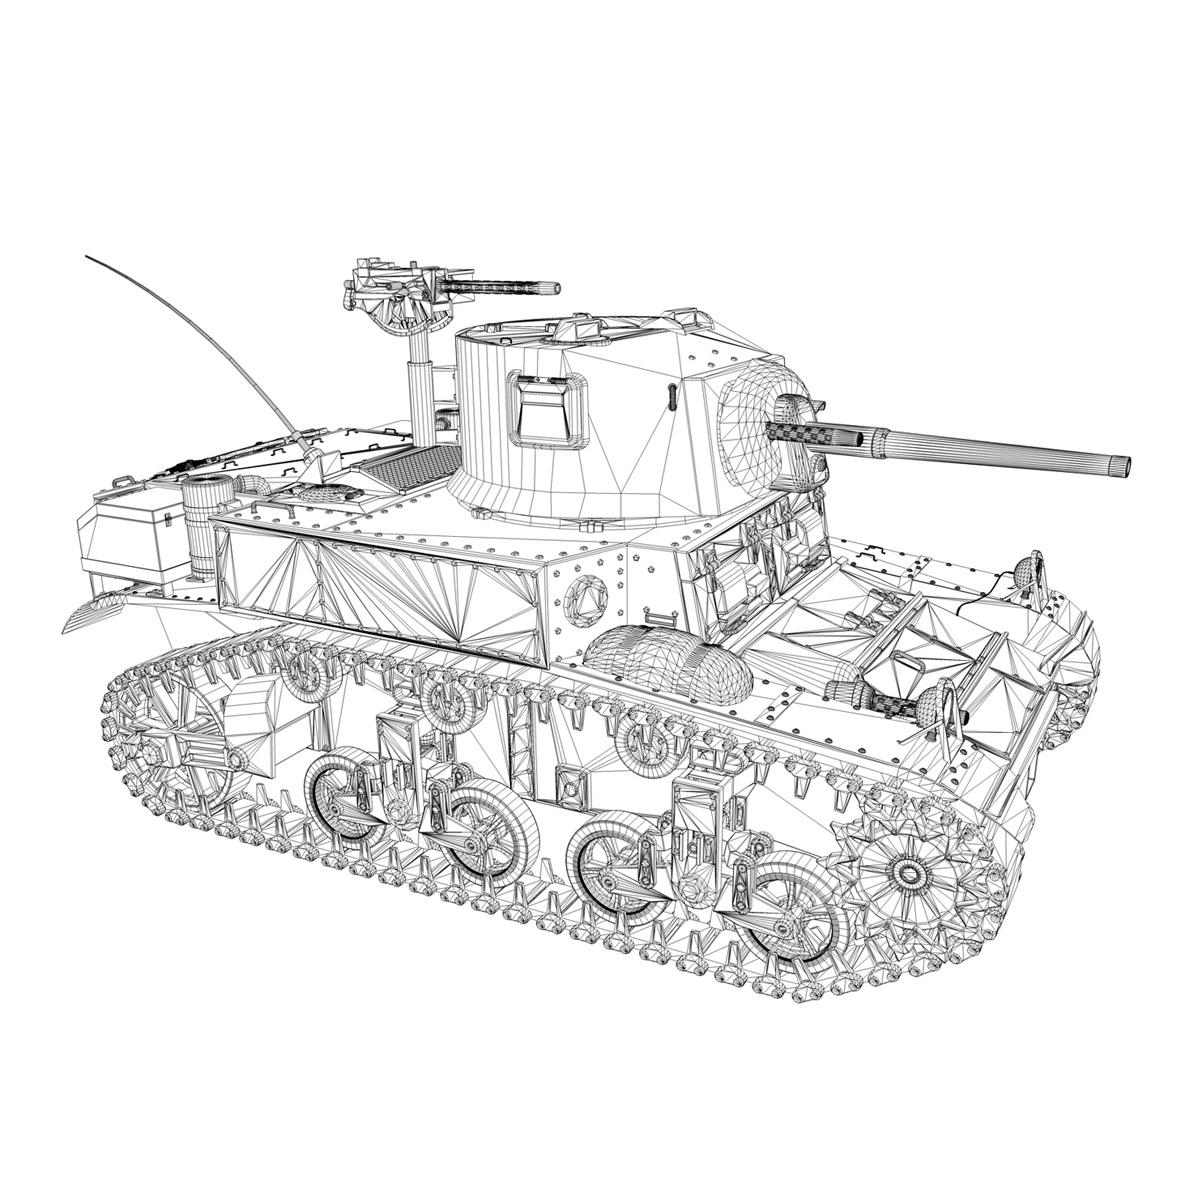 m3 light tank stuart – el diablo 3d model 3ds c4d fbx lwo lw lws obj 265362